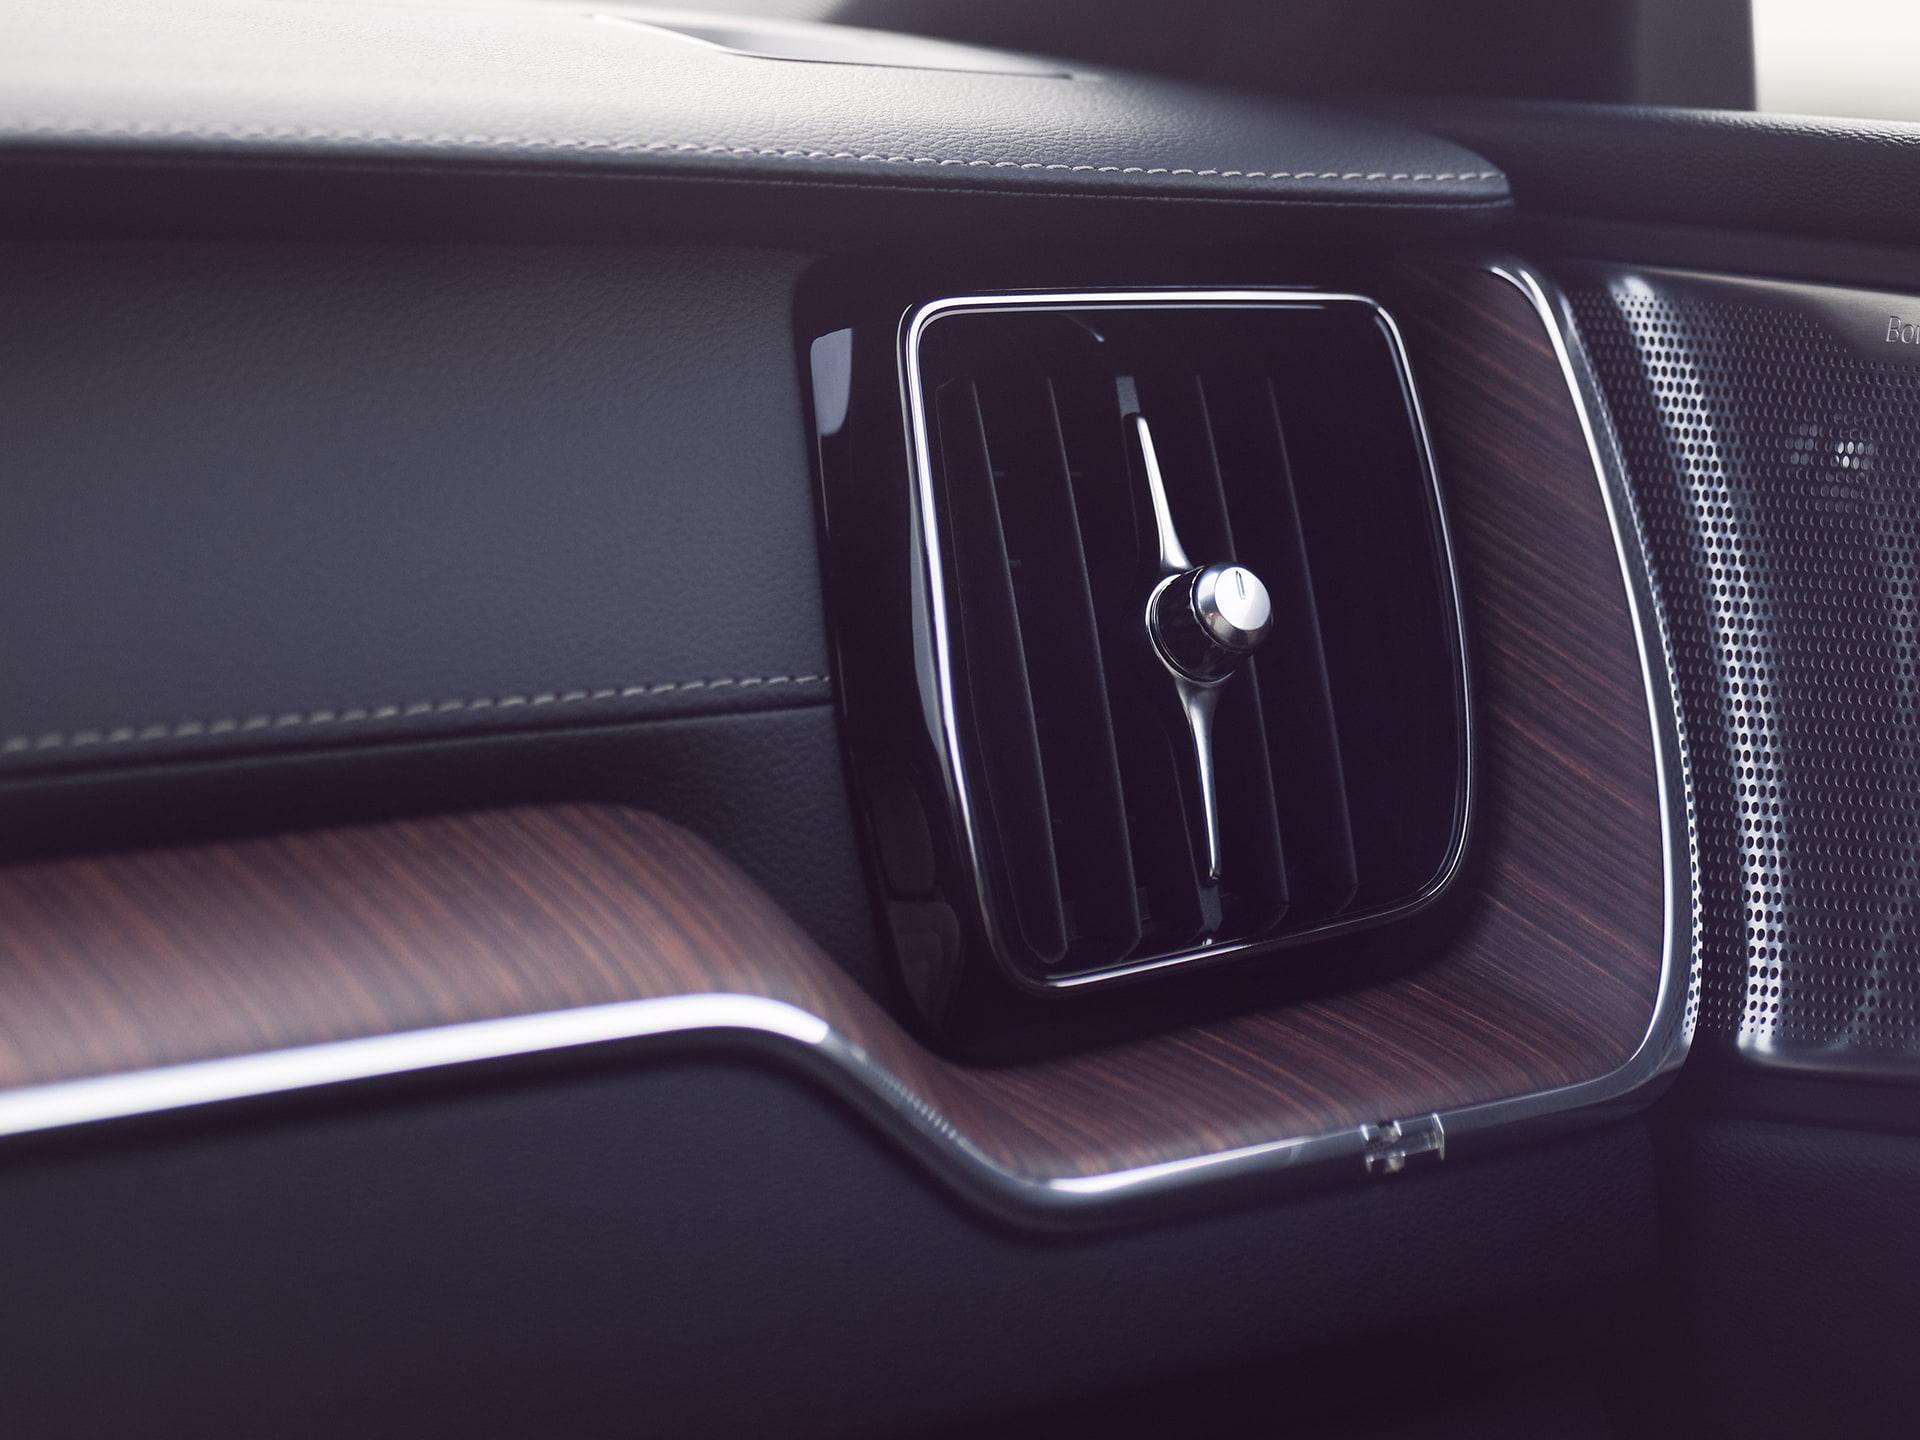 Napredni pročišćivač zraka u vozilu XC60 Recharge osigurava bolju i zdraviju kvalitetu zraka za vas i vaše putnike.